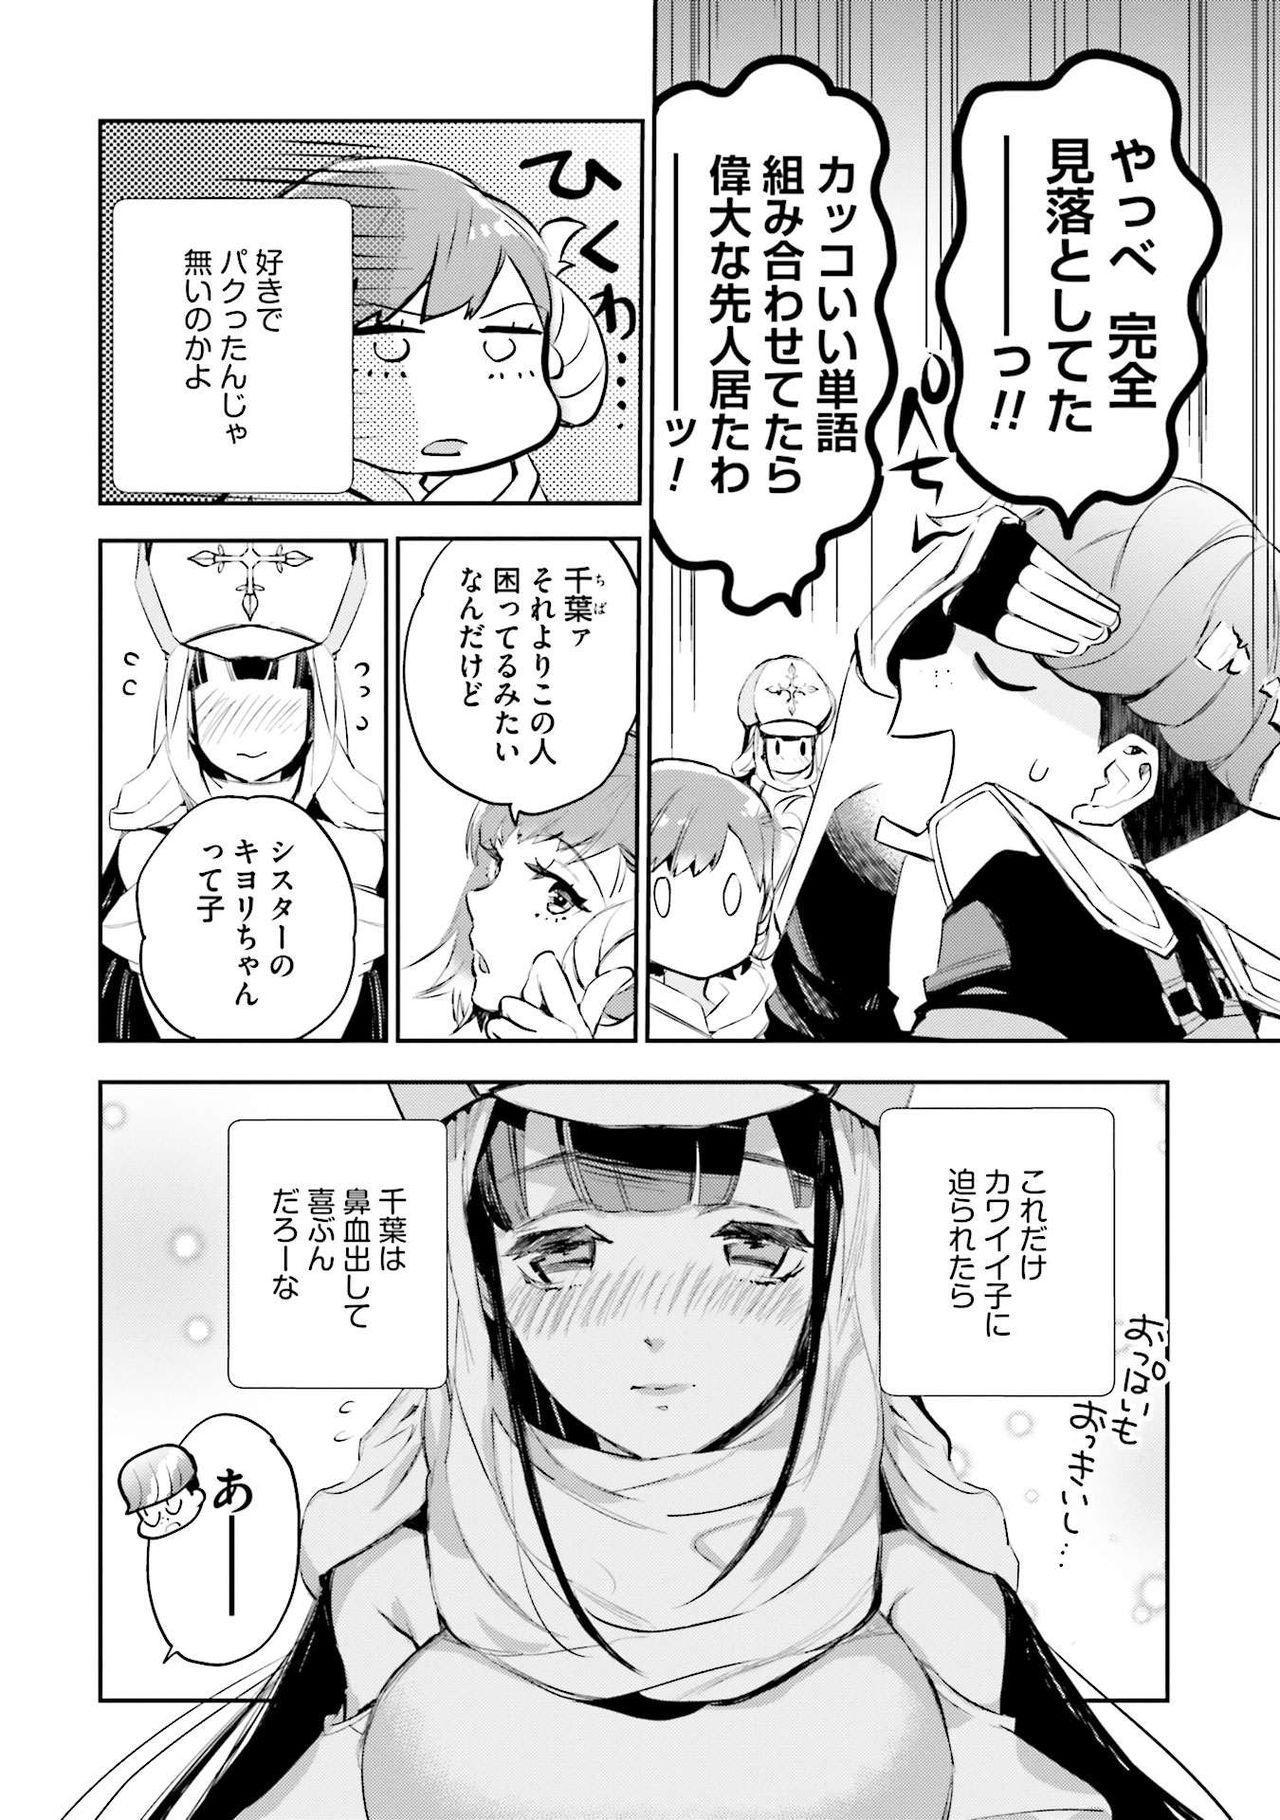 JK Haru wa Isekai de Shoufu ni Natta 1-14 147